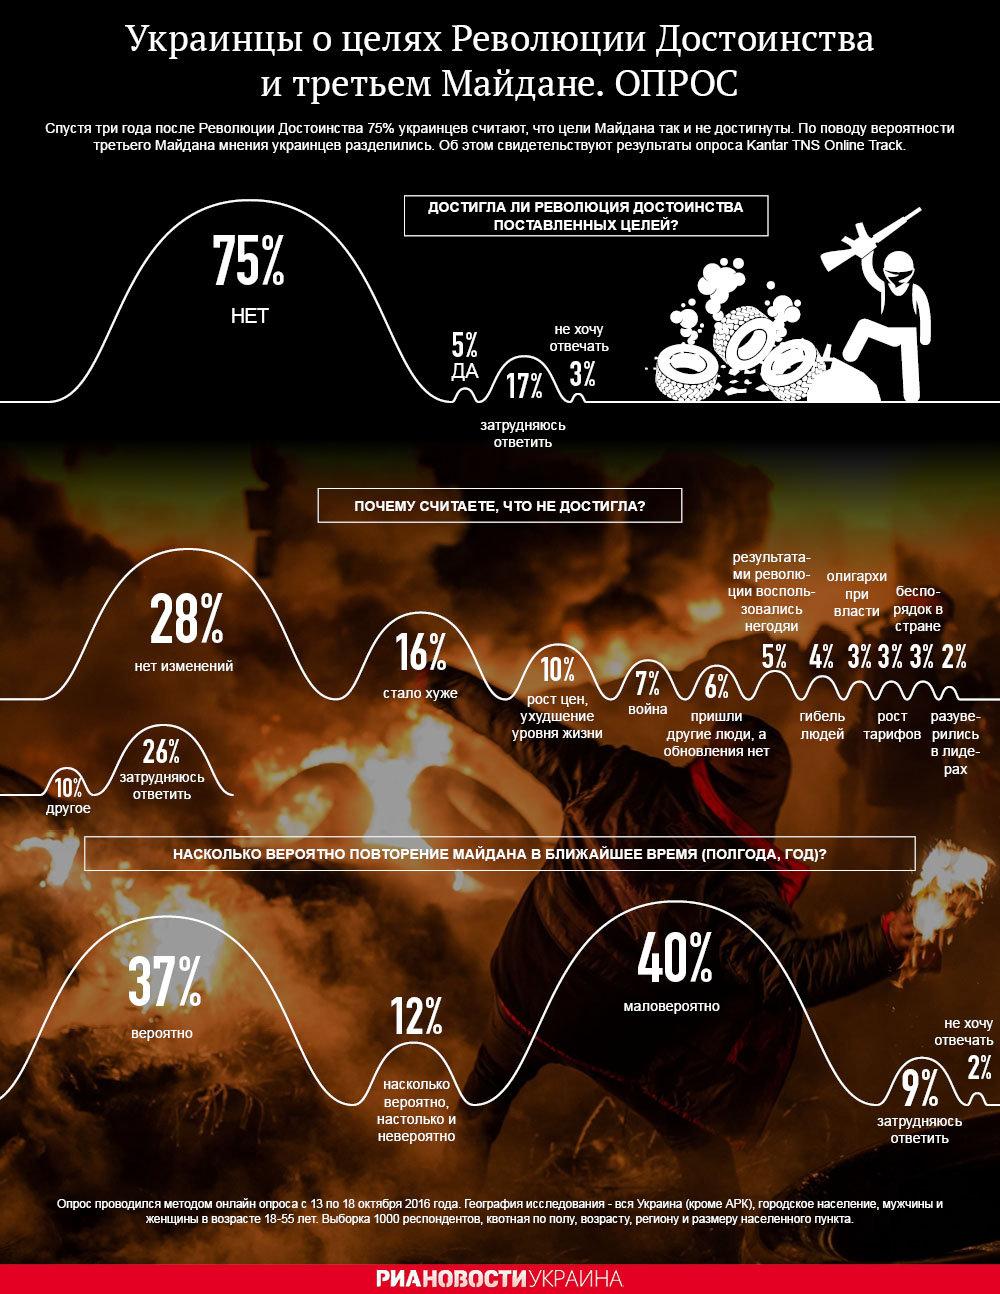 Евромайдан в оценках украинцев - итоги опроса. Инфографика